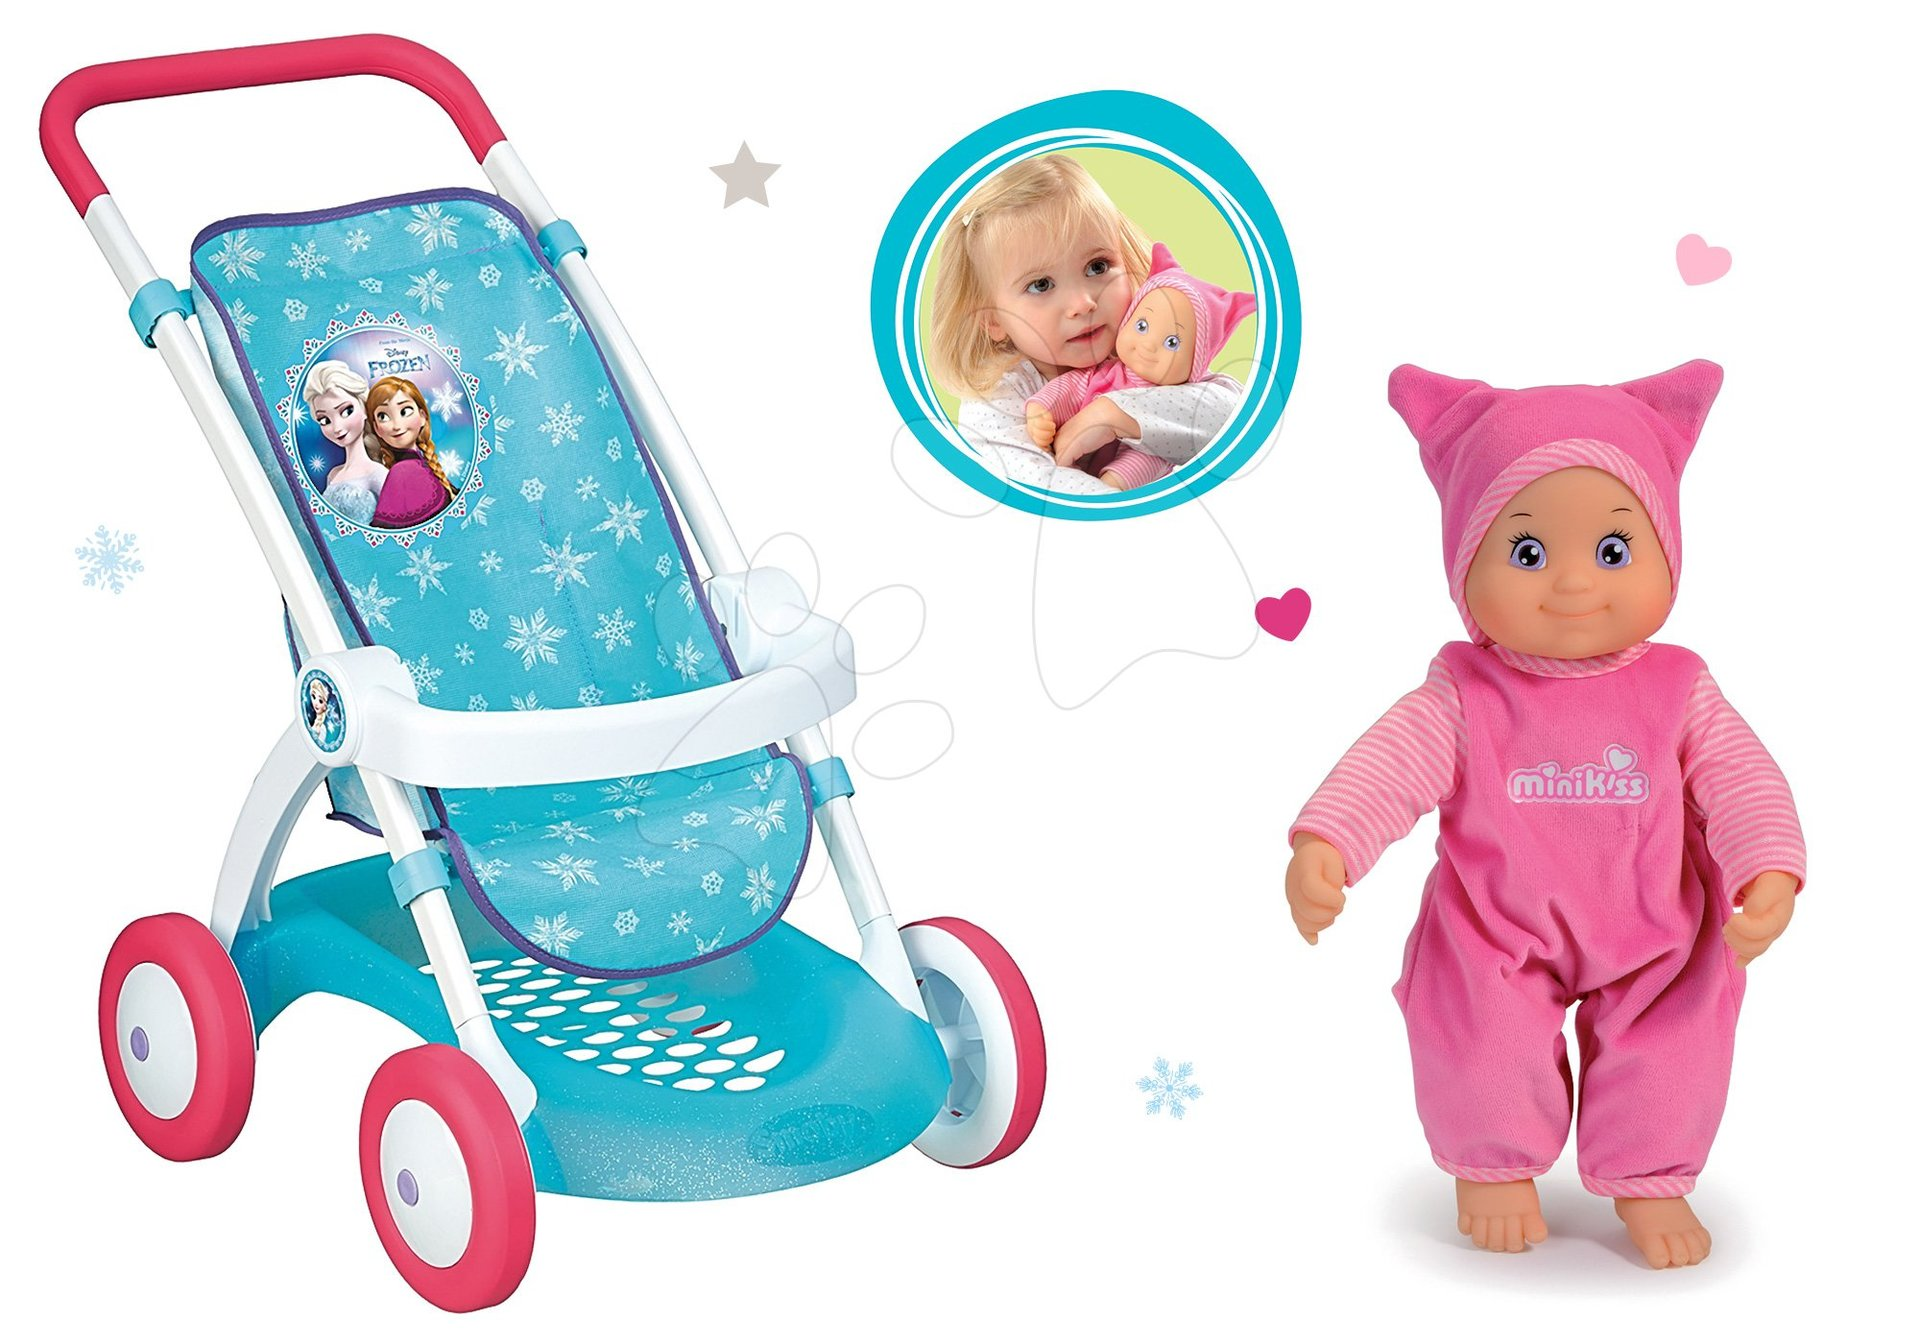 Komplet športni voziček za dojenčka Frozen Smoby z dojenčkom Minikiss z zvokom poljubčka